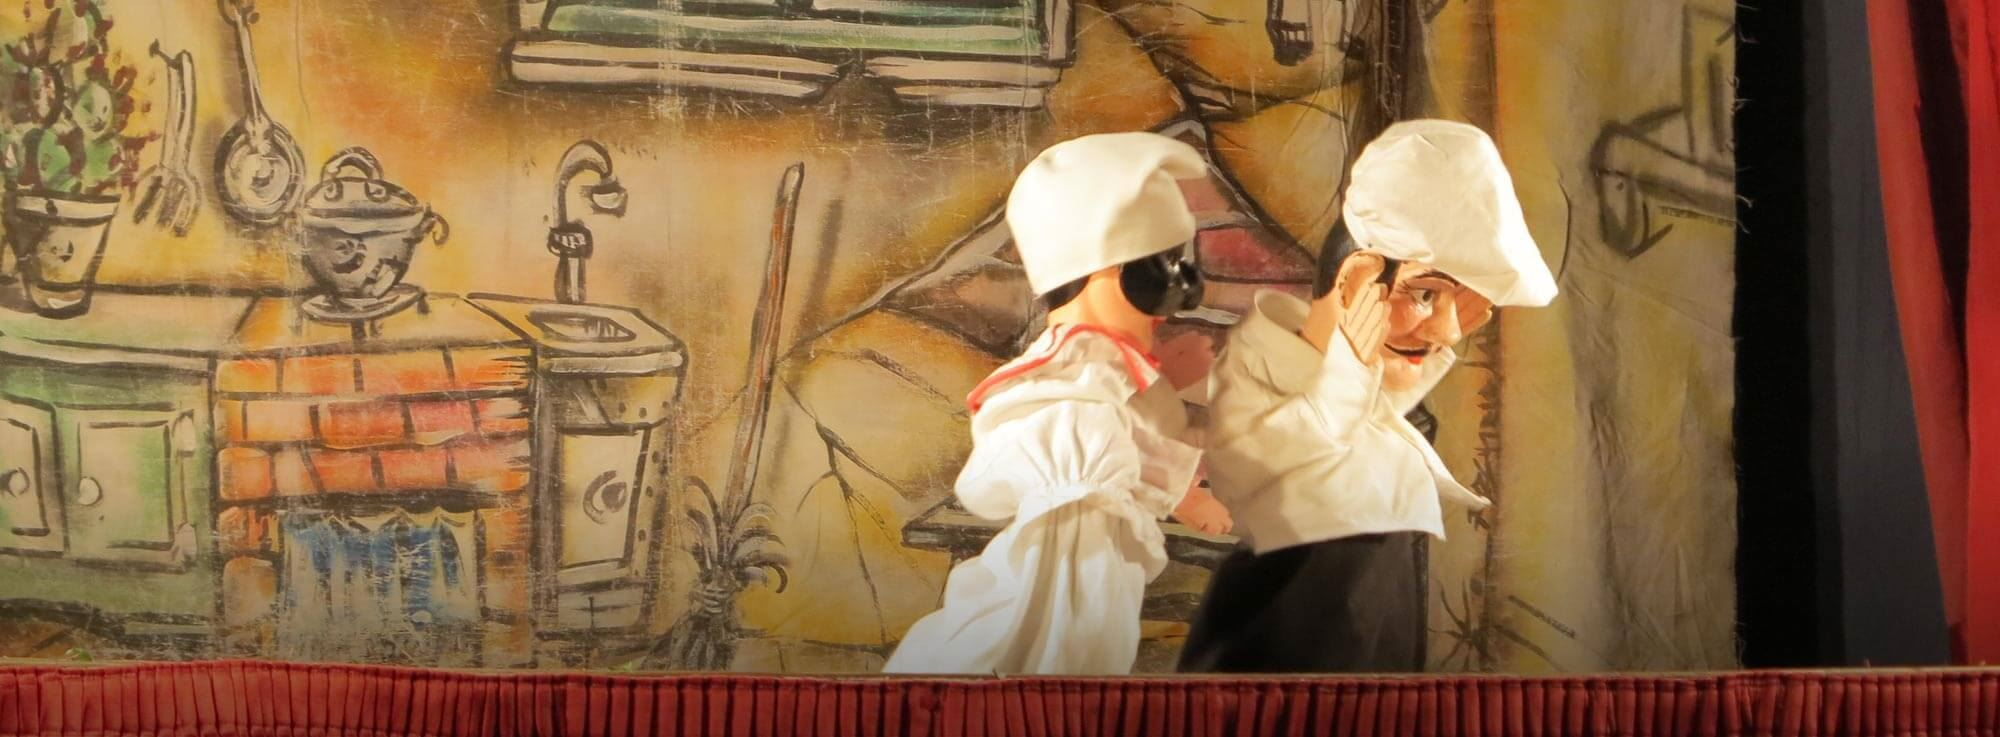 Massafra: Pulcinella e la vera storia della Befana